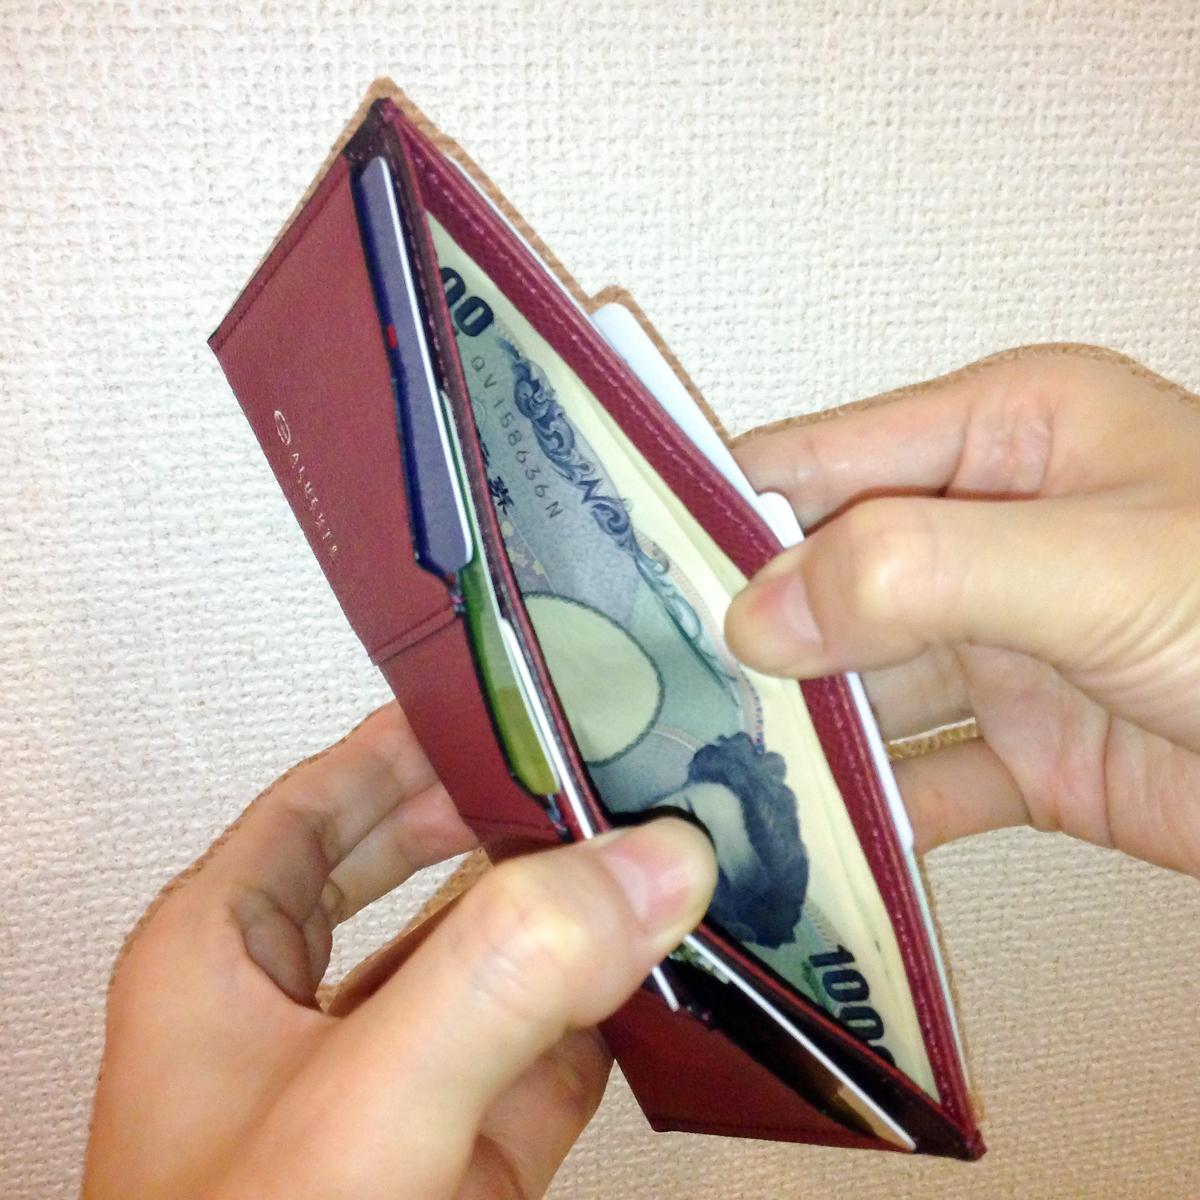 スムーズに出し入れできる紙幣入れ|カードを見える化、支払いも収納もスマートな革財布(カードホルダー)|ALBERTE